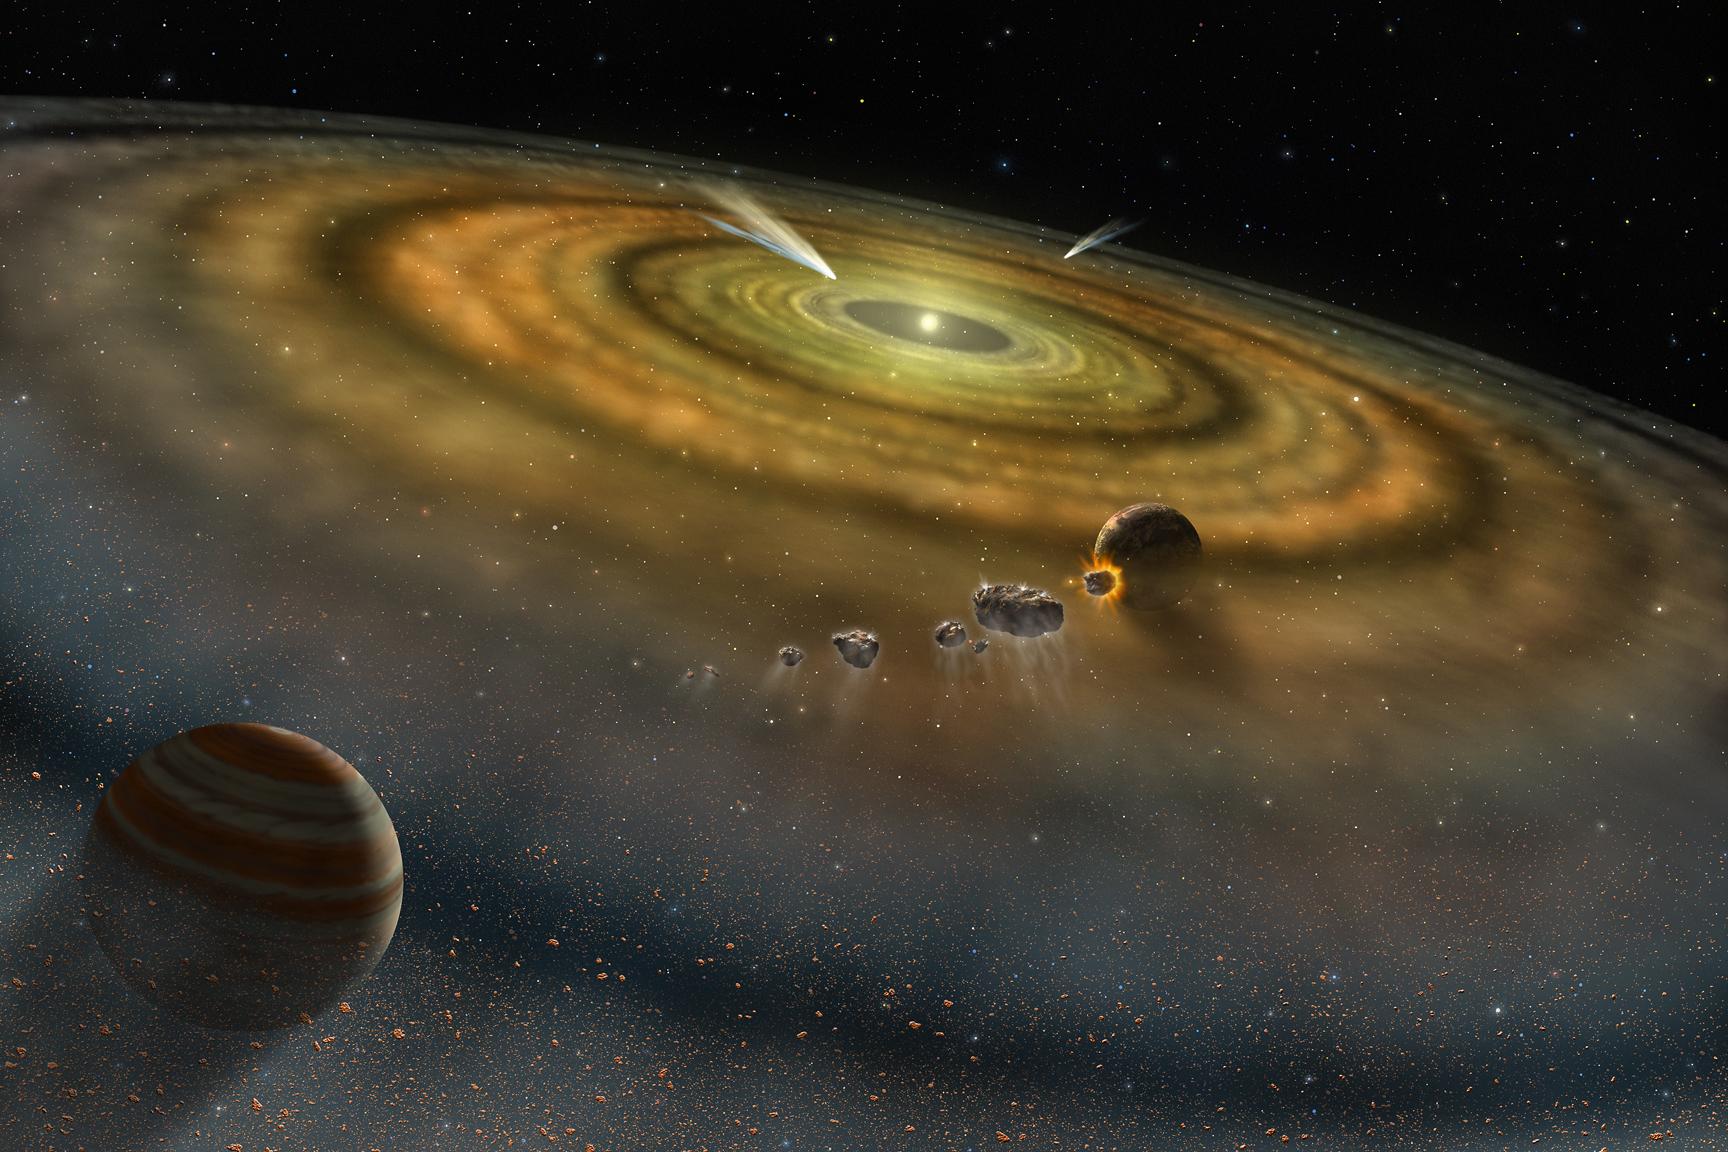 太陽系形成的初始條件,決定了整個太陽系的角動量總和。所有天體藉由互相撞擊,交換彼此的角動量,各自分得一部份「家產」。圖片來源│NASA